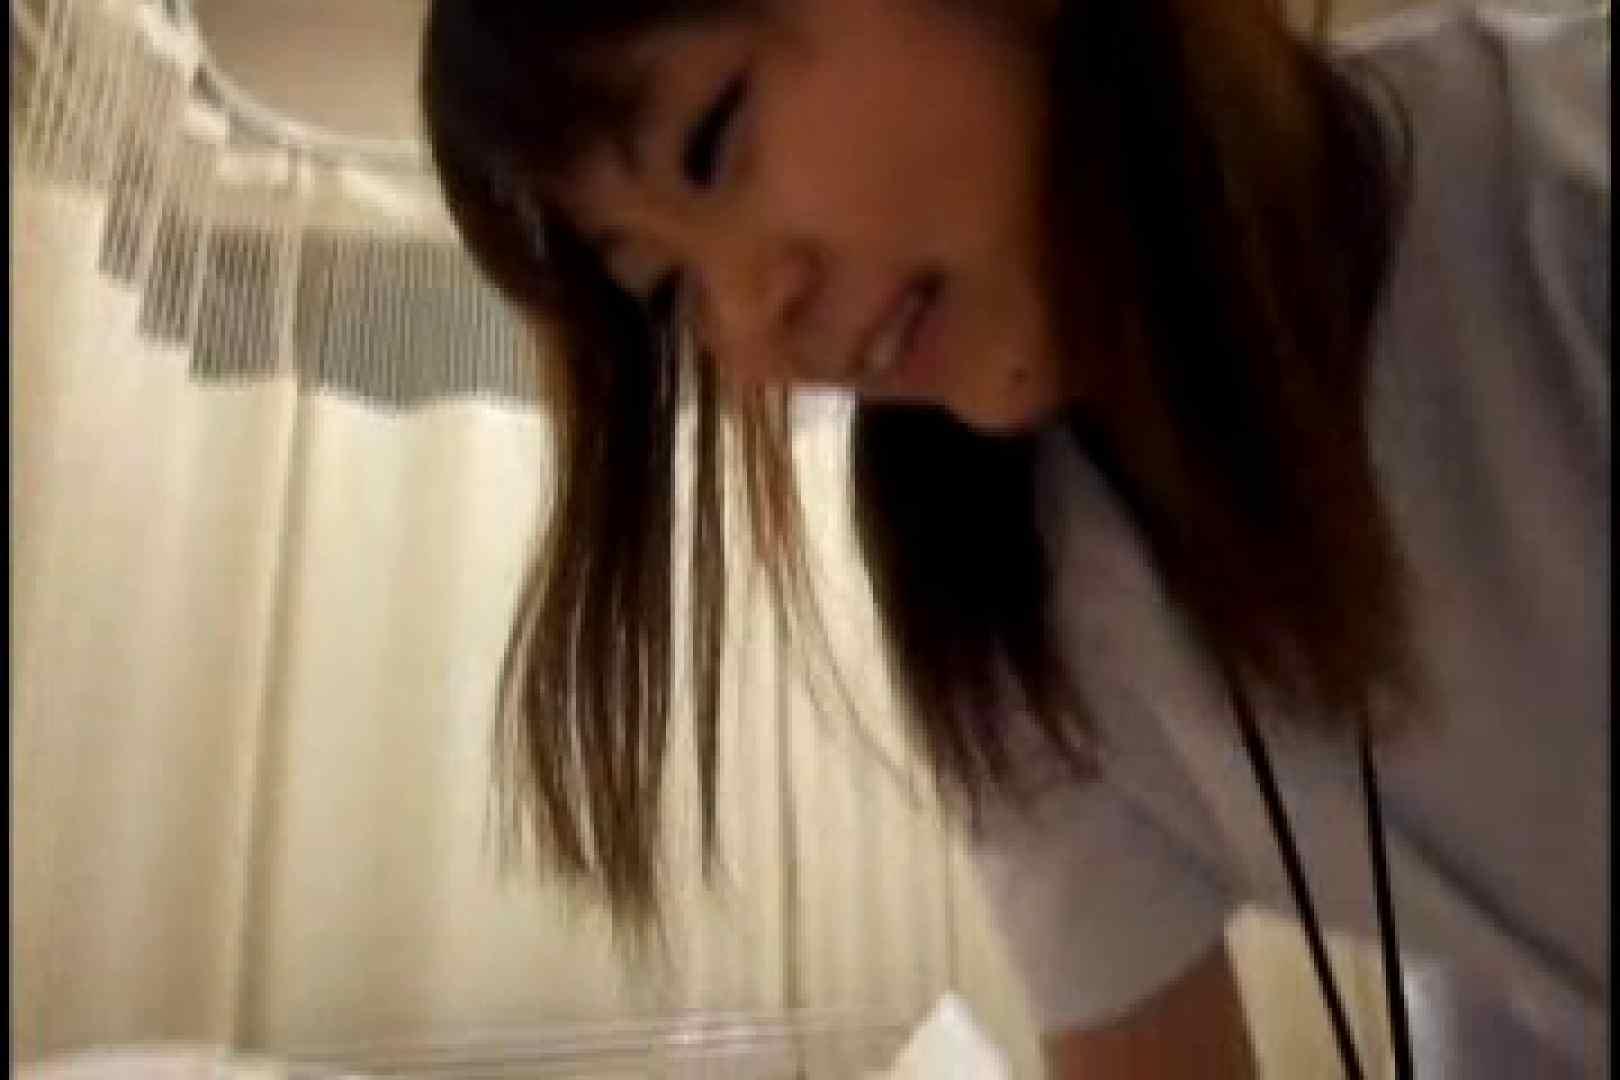 ヤリマンと呼ばれた看護士さんvol1 シックスナイン  99枚 57